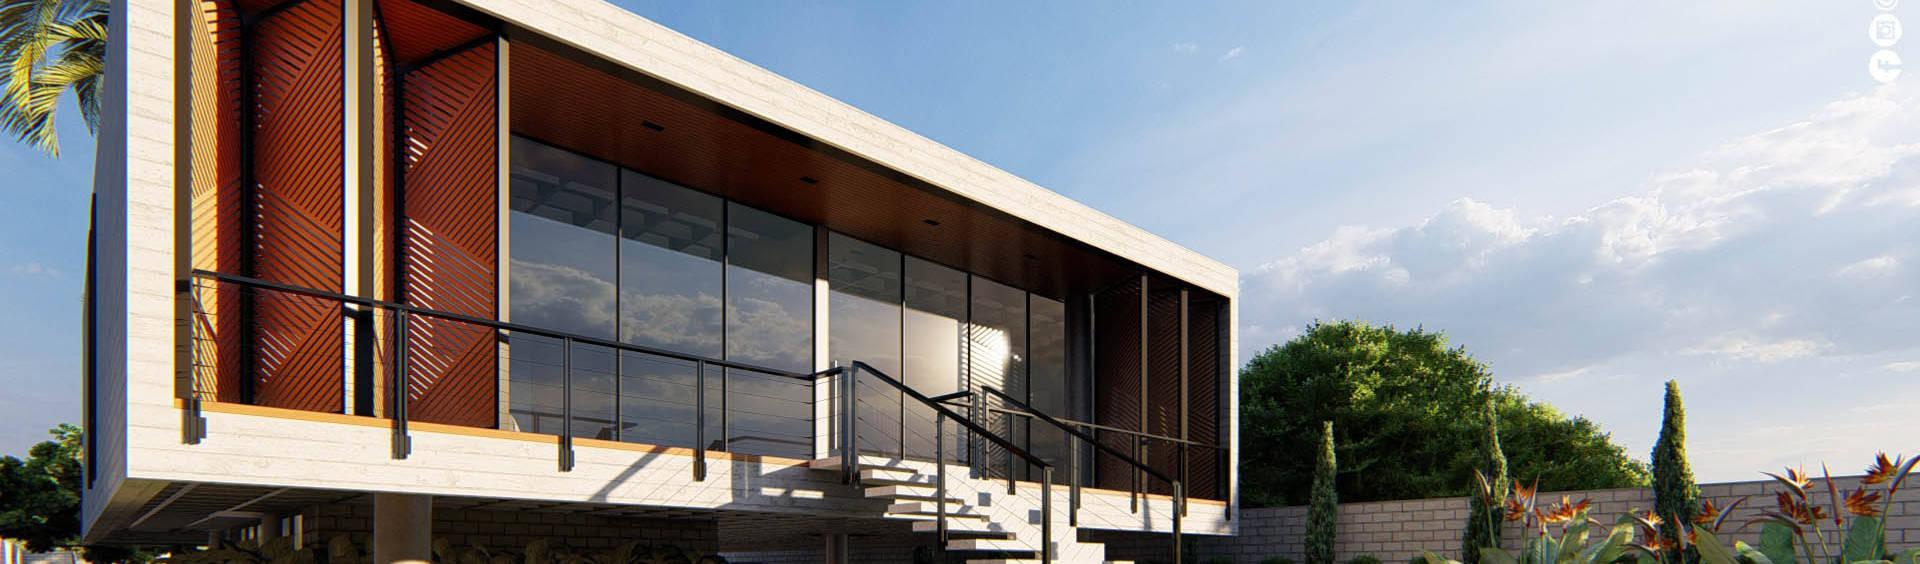 Trim Arquitetura